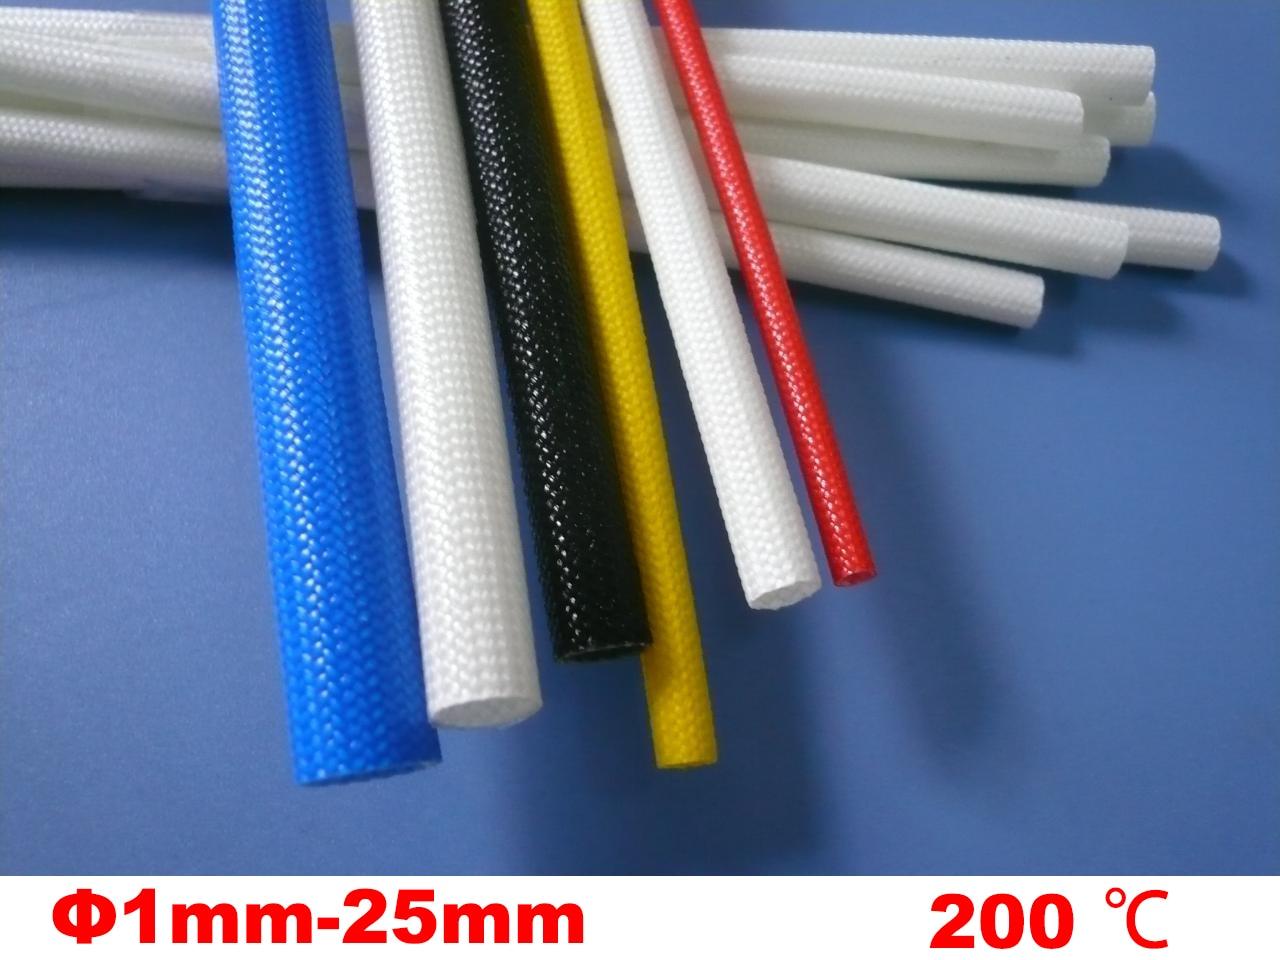 30 m 1mm Bianco 200 Gradi C Ad Alta Temperatura off-Auto Tubo Di Telaio In Resina di Silicone In Fibra di Vetro Intrecciata manicotto In Fibra di vetro Del Tubo